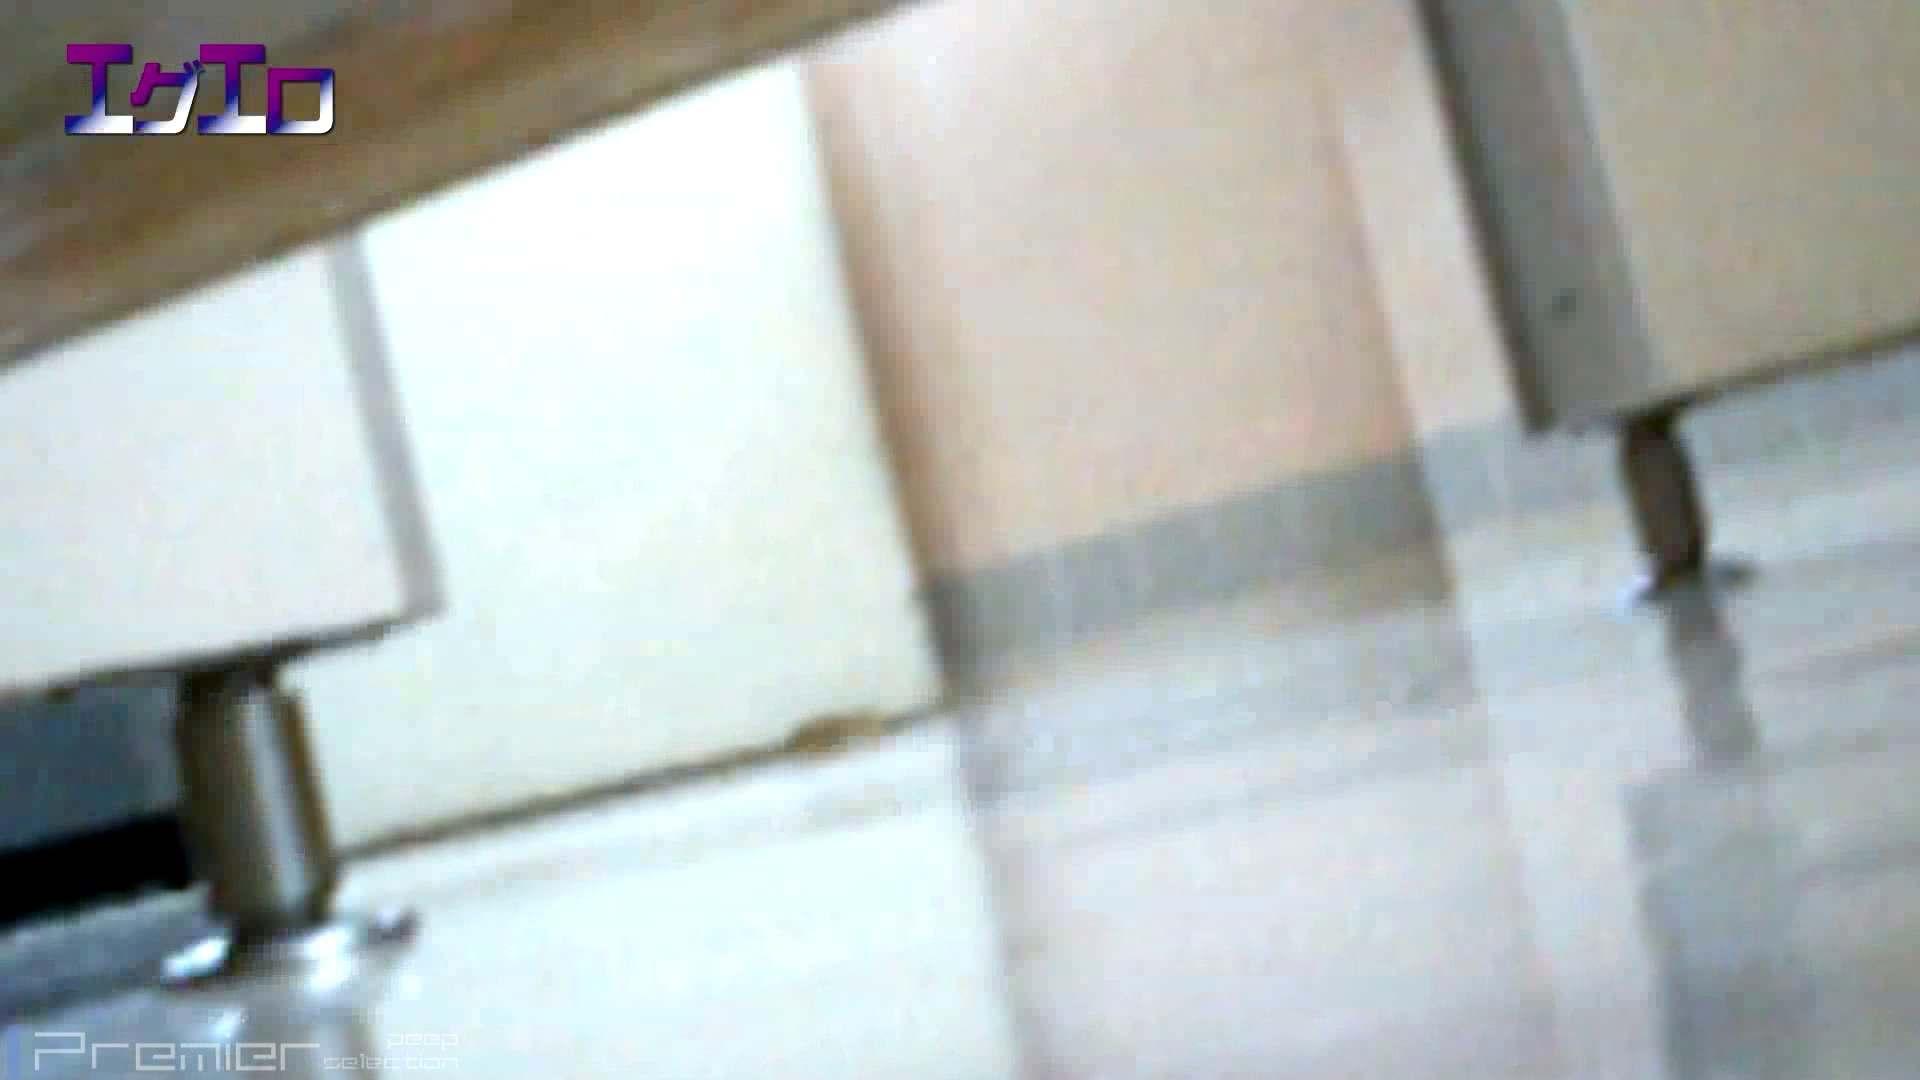 至近距離洗面所 Vol.07 ニーハイソックスに狙いを定めて 0  77連発 72